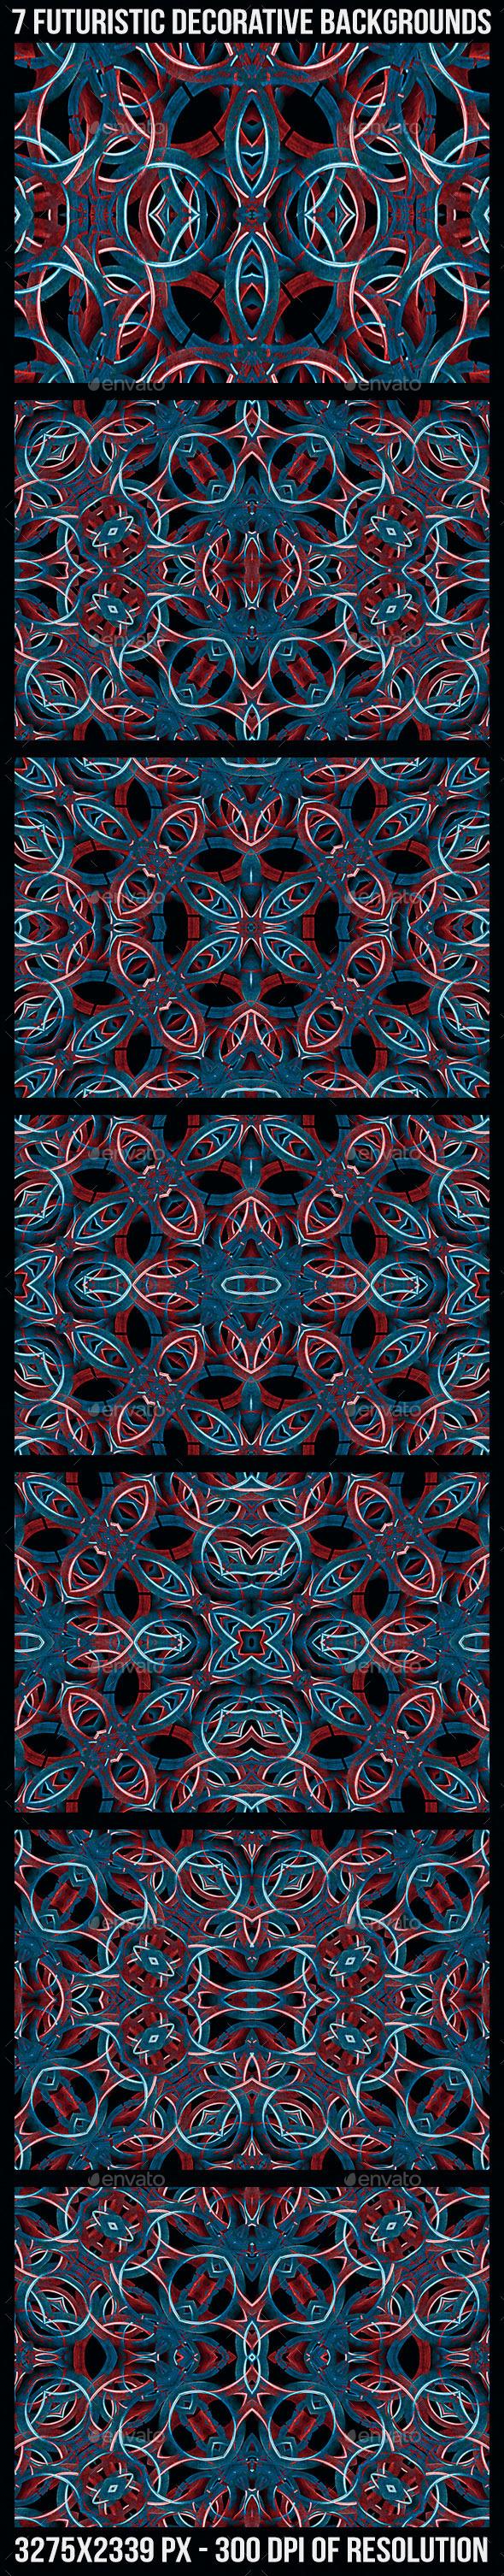 GraphicRiver 7 Futuristic Decorative Patterns 10481781